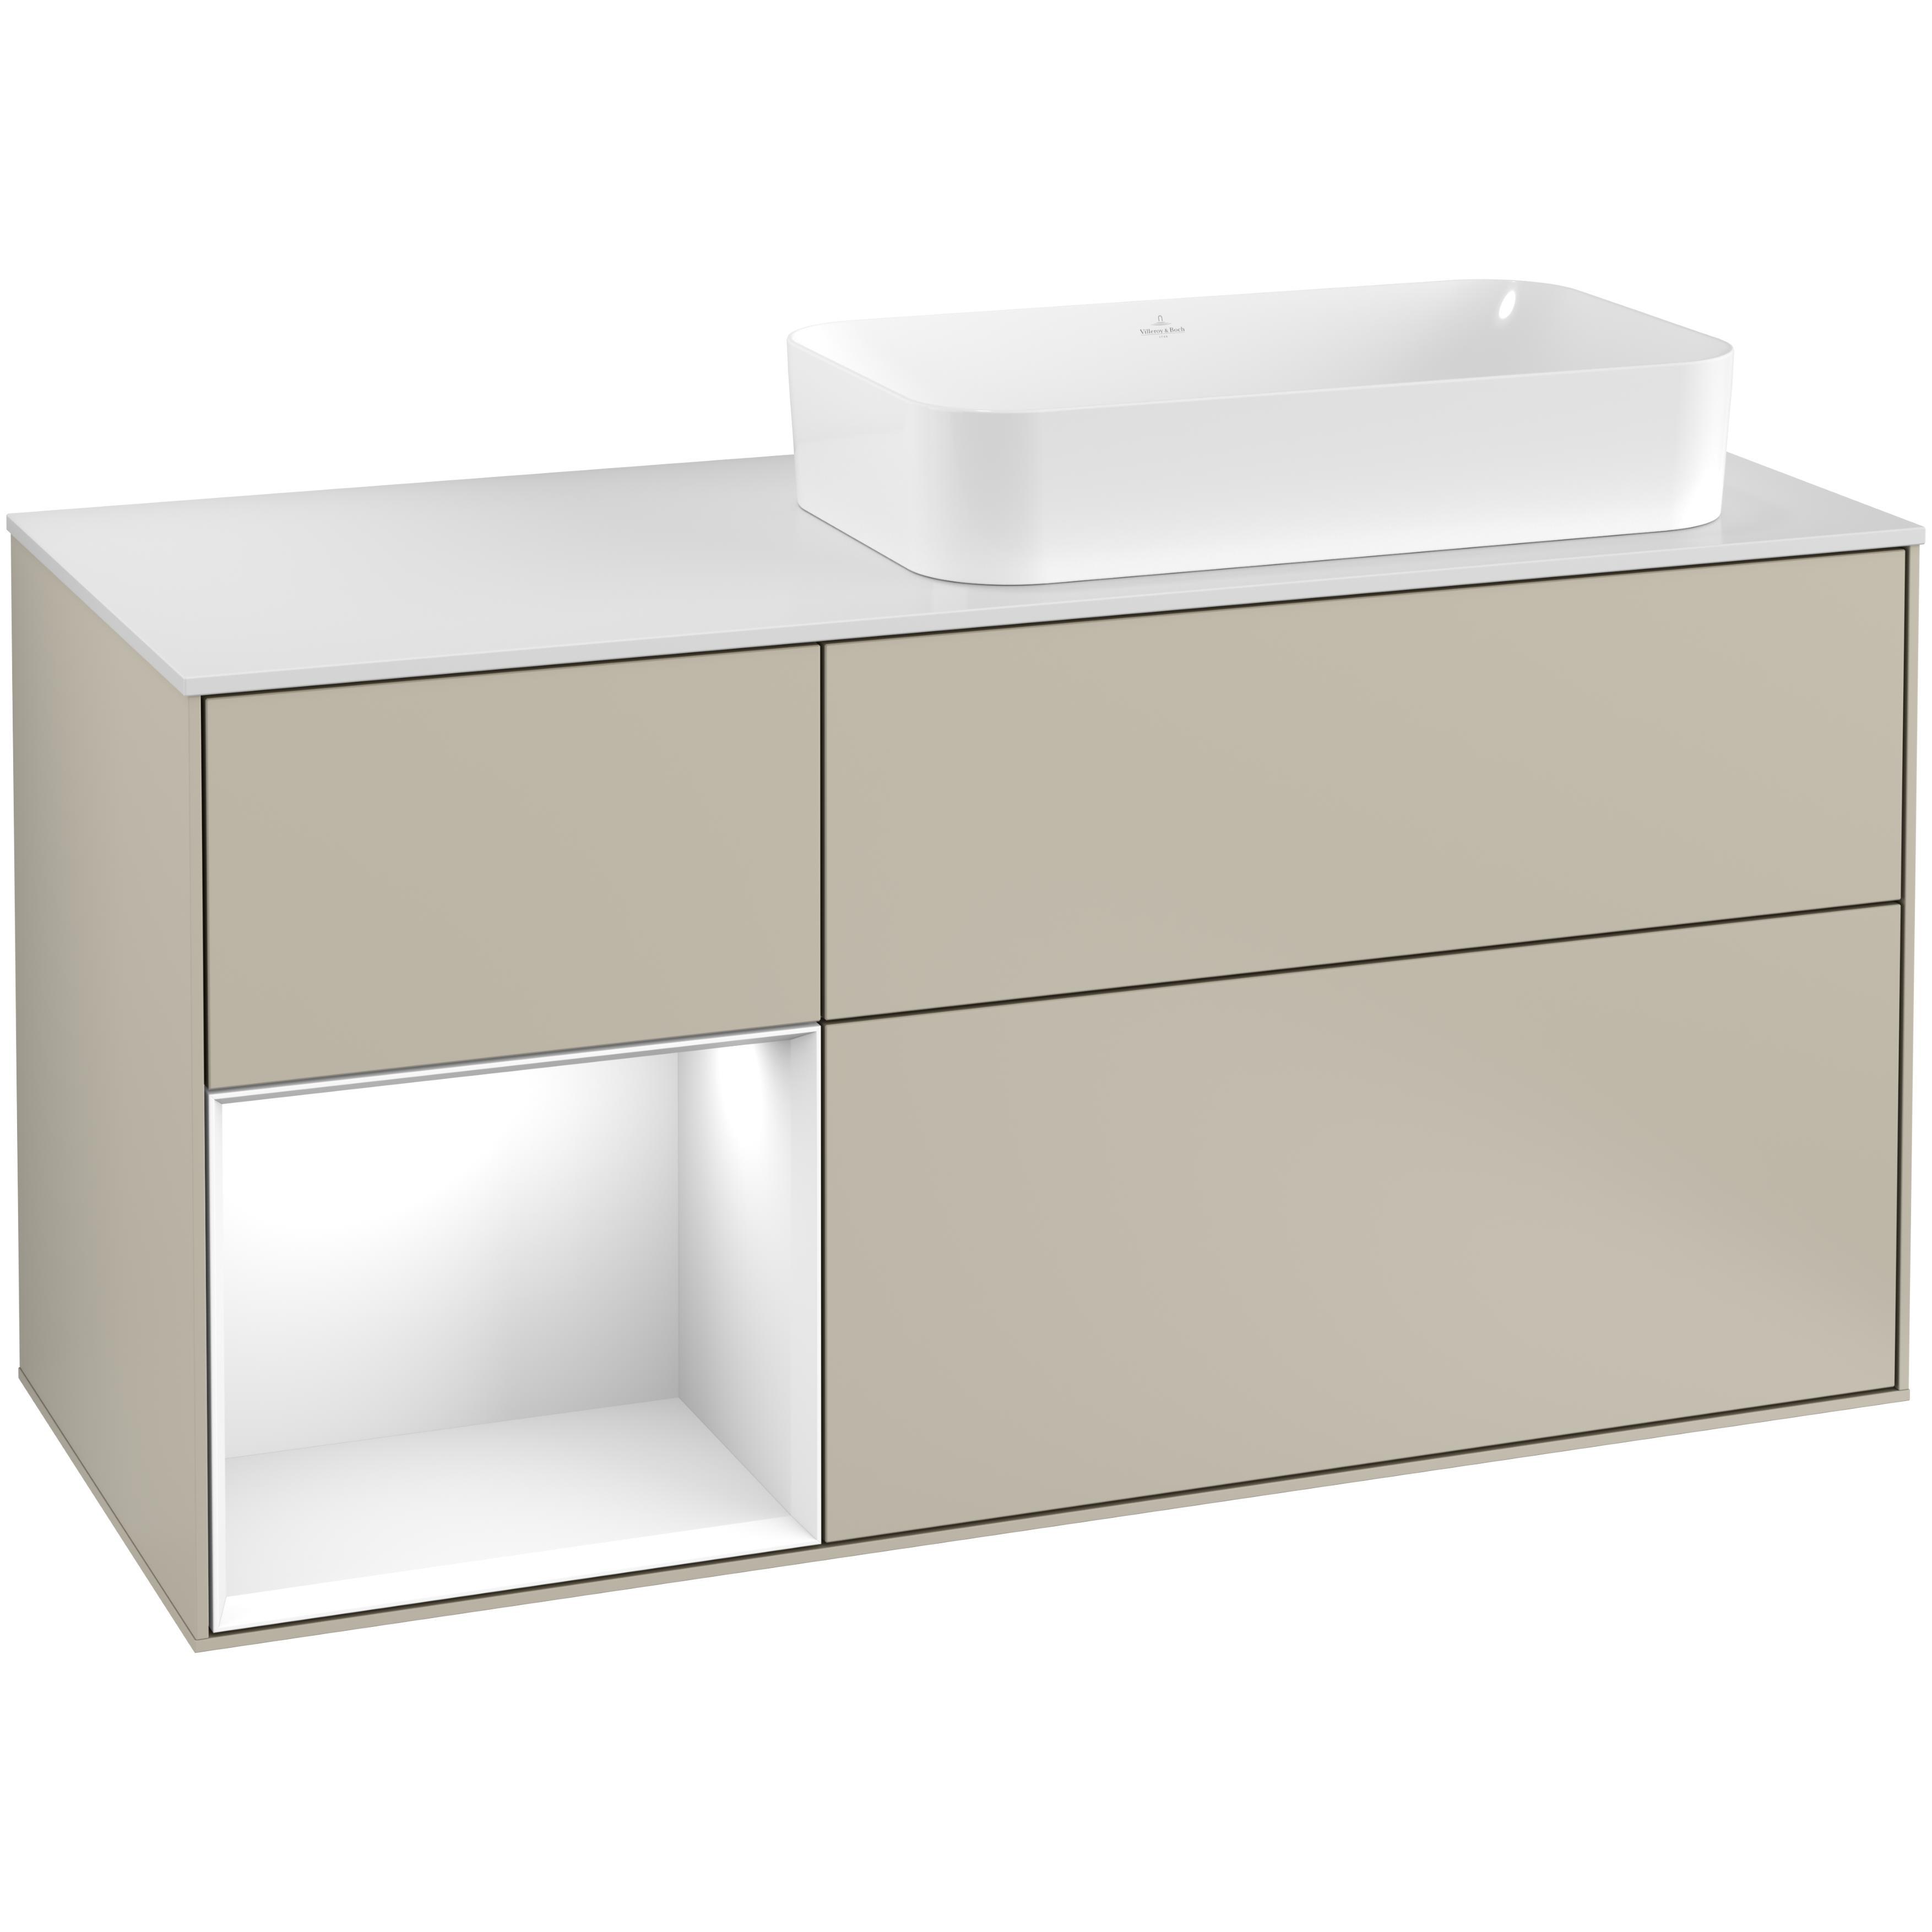 Tvättställsskåp Villeroy & Boch Finion med 3 Lådor Hylla och Bänkskiva för Ocentrerat Fristående Tvättställ